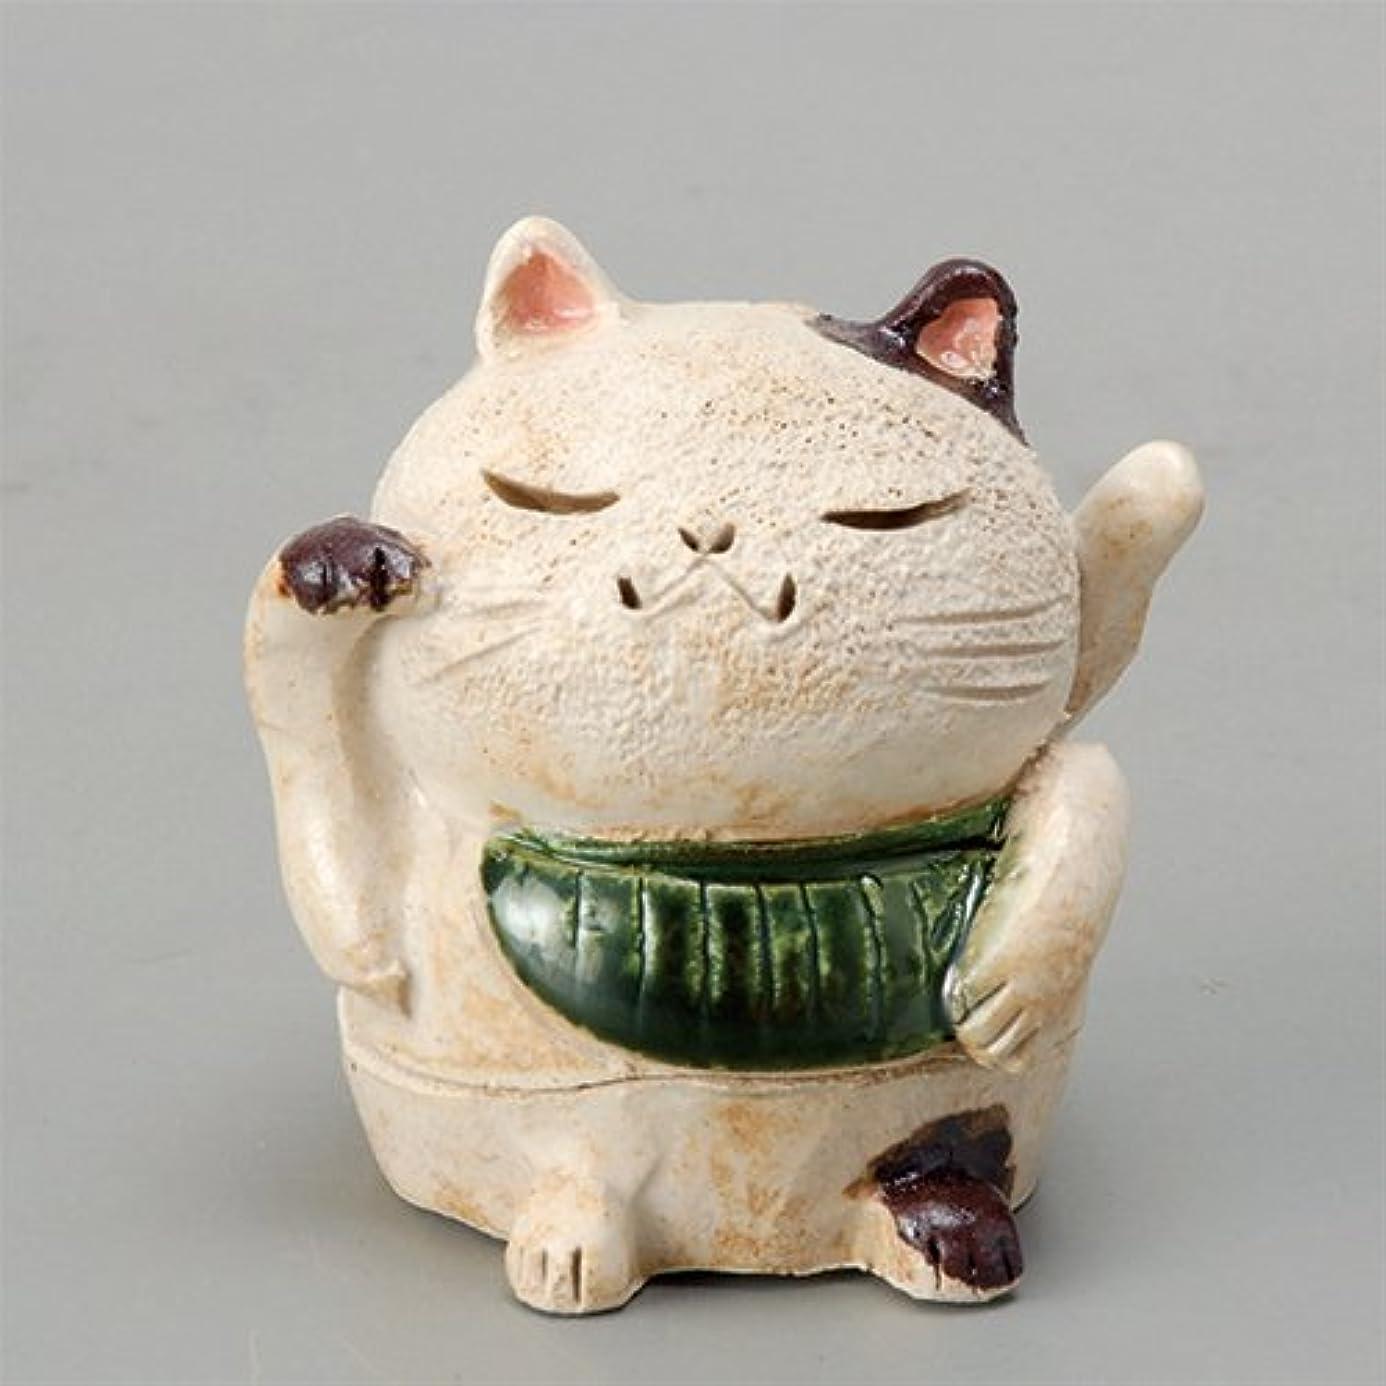 重さグリースリーガン香炉 白萩 招き猫(お金)香炉(小) [H8cm] HANDMADE プレゼント ギフト 和食器 かわいい インテリア